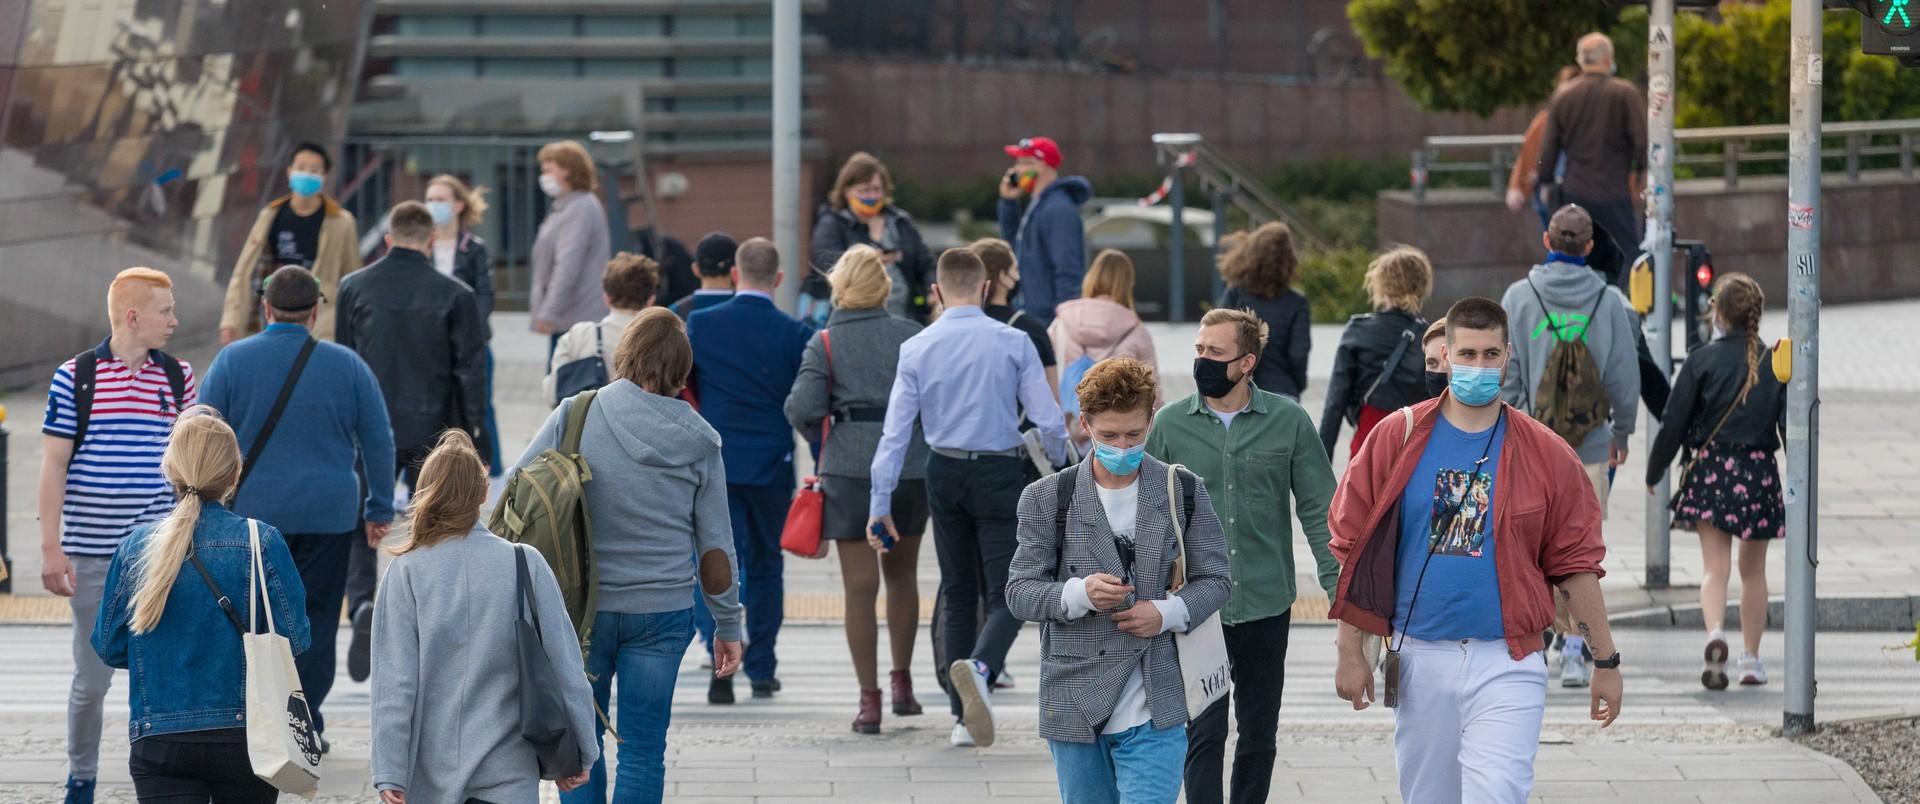 Warzecha: Polacy utracili swój wolnościowy instynkt